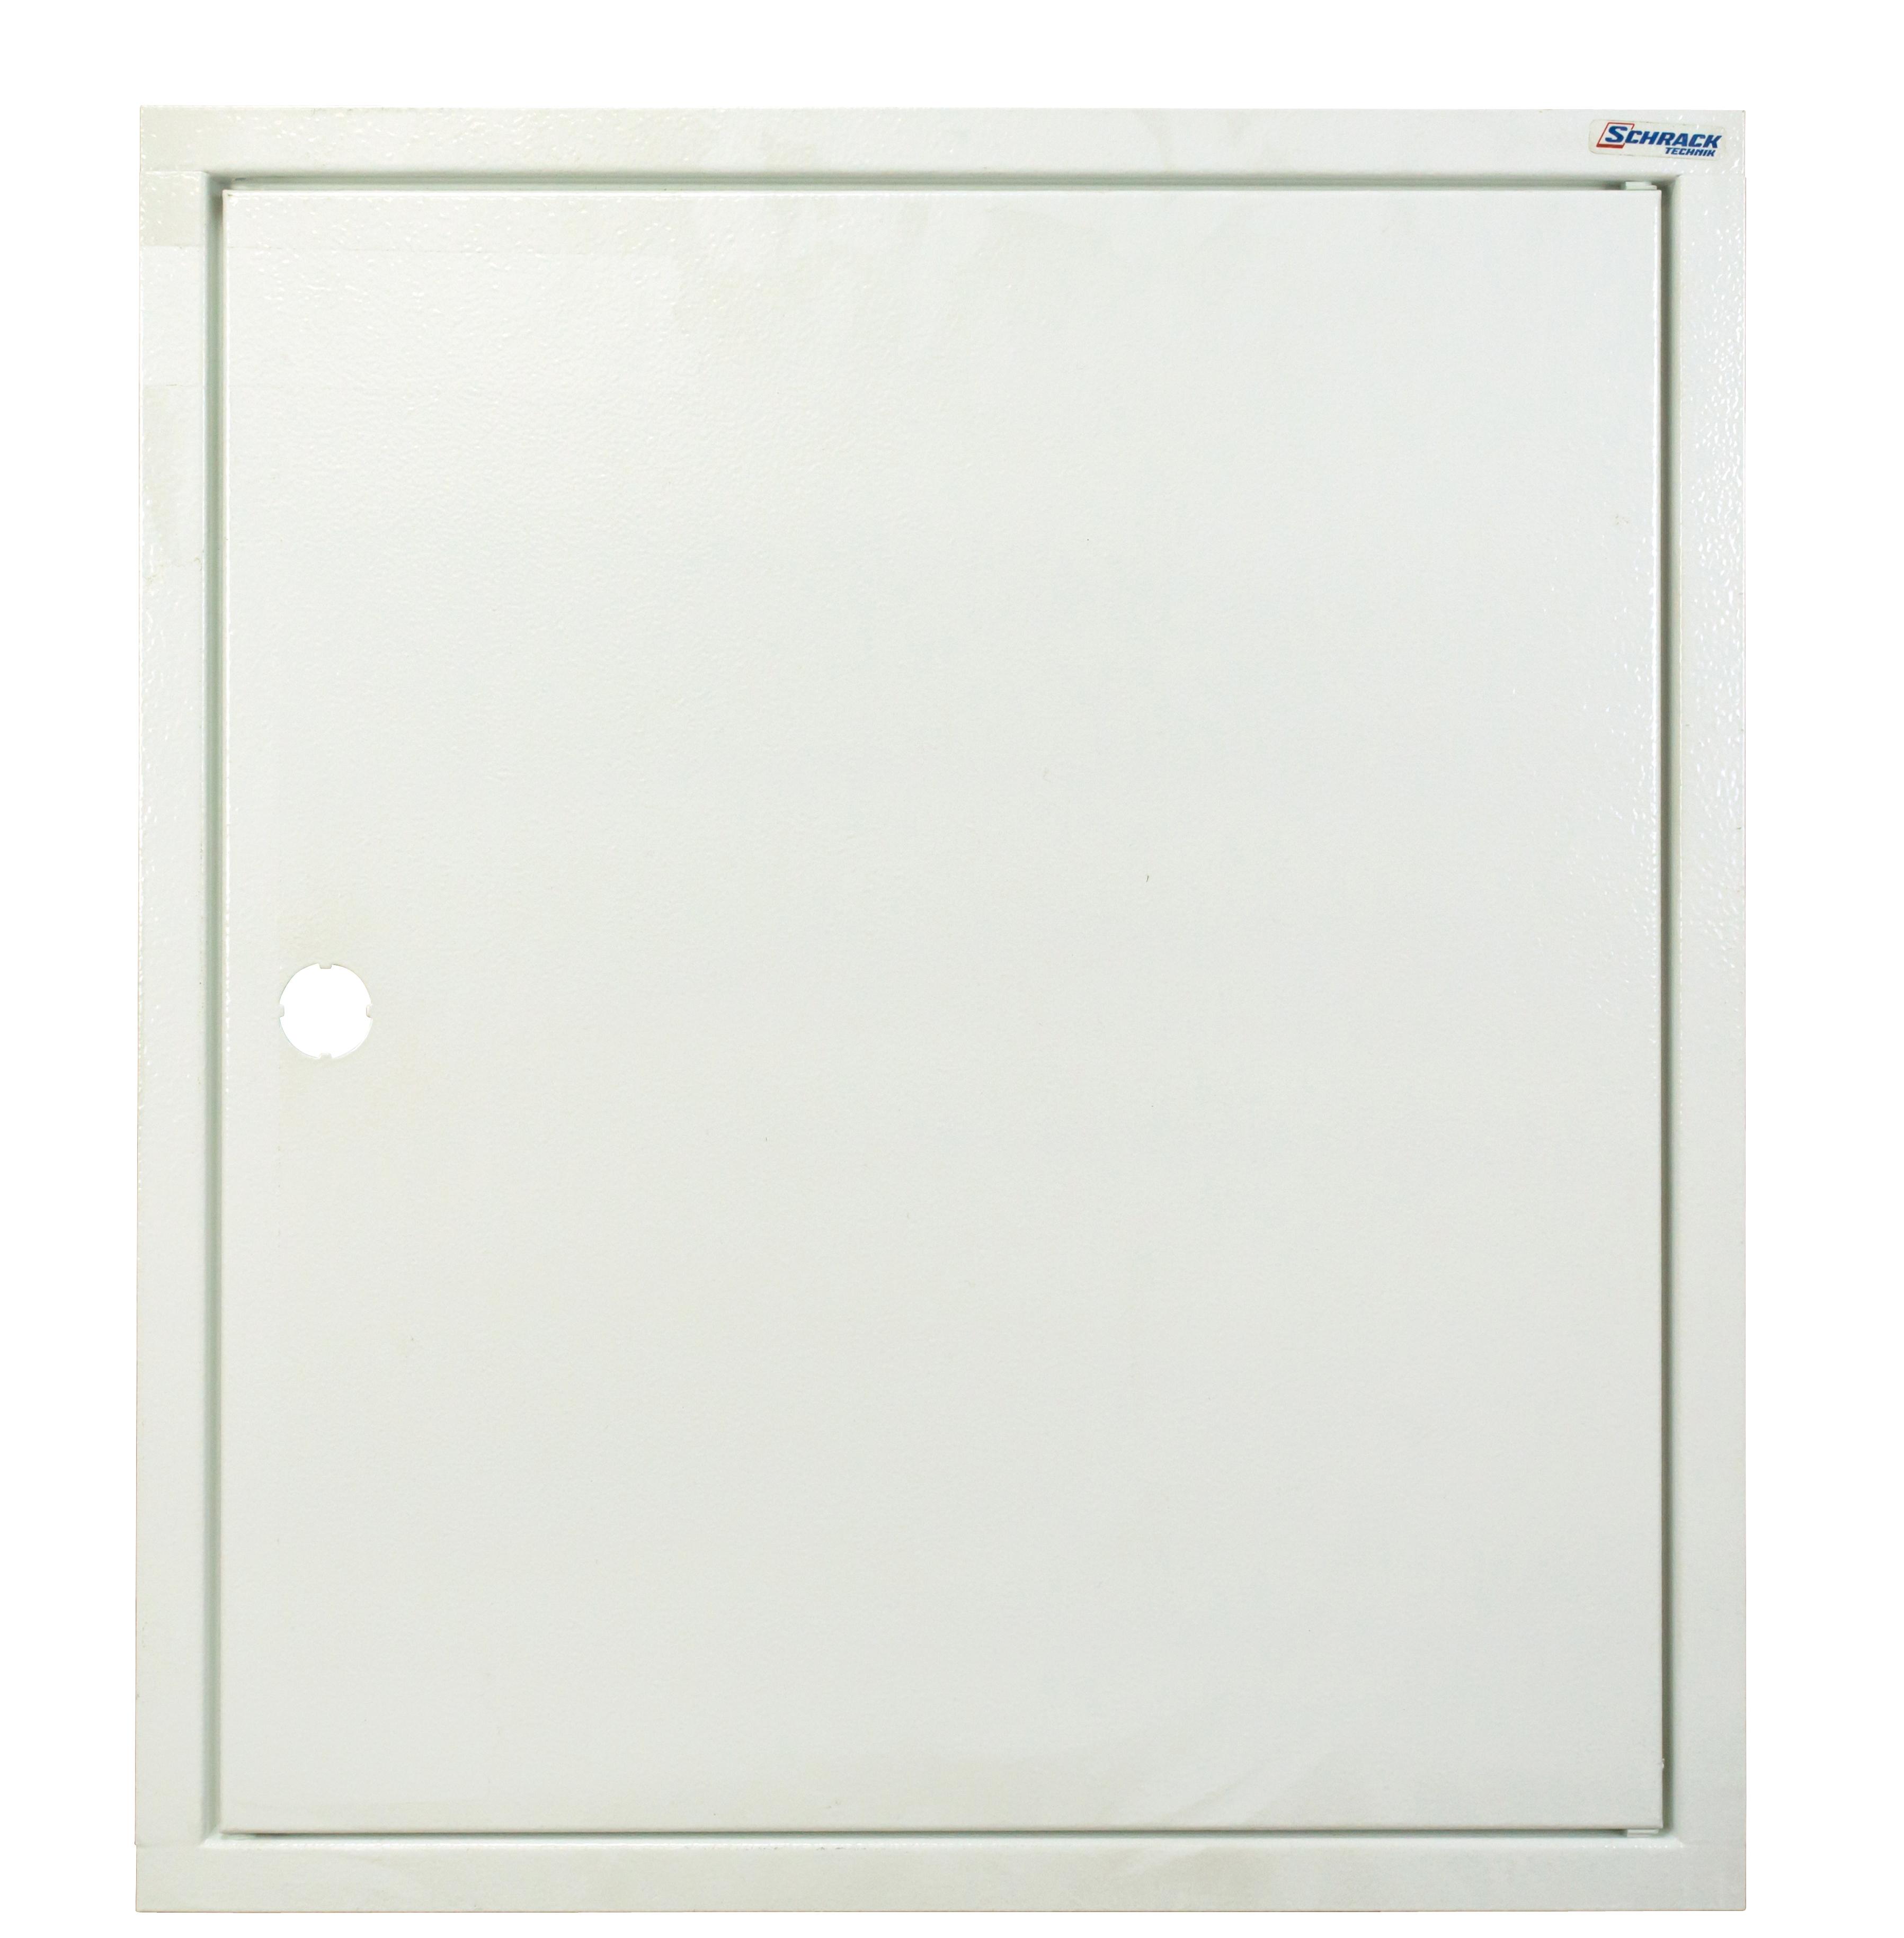 1 Stk Unterputz-Rahmen mit Türe 3U-24 flach, H1195B810T100mm IL012324-F